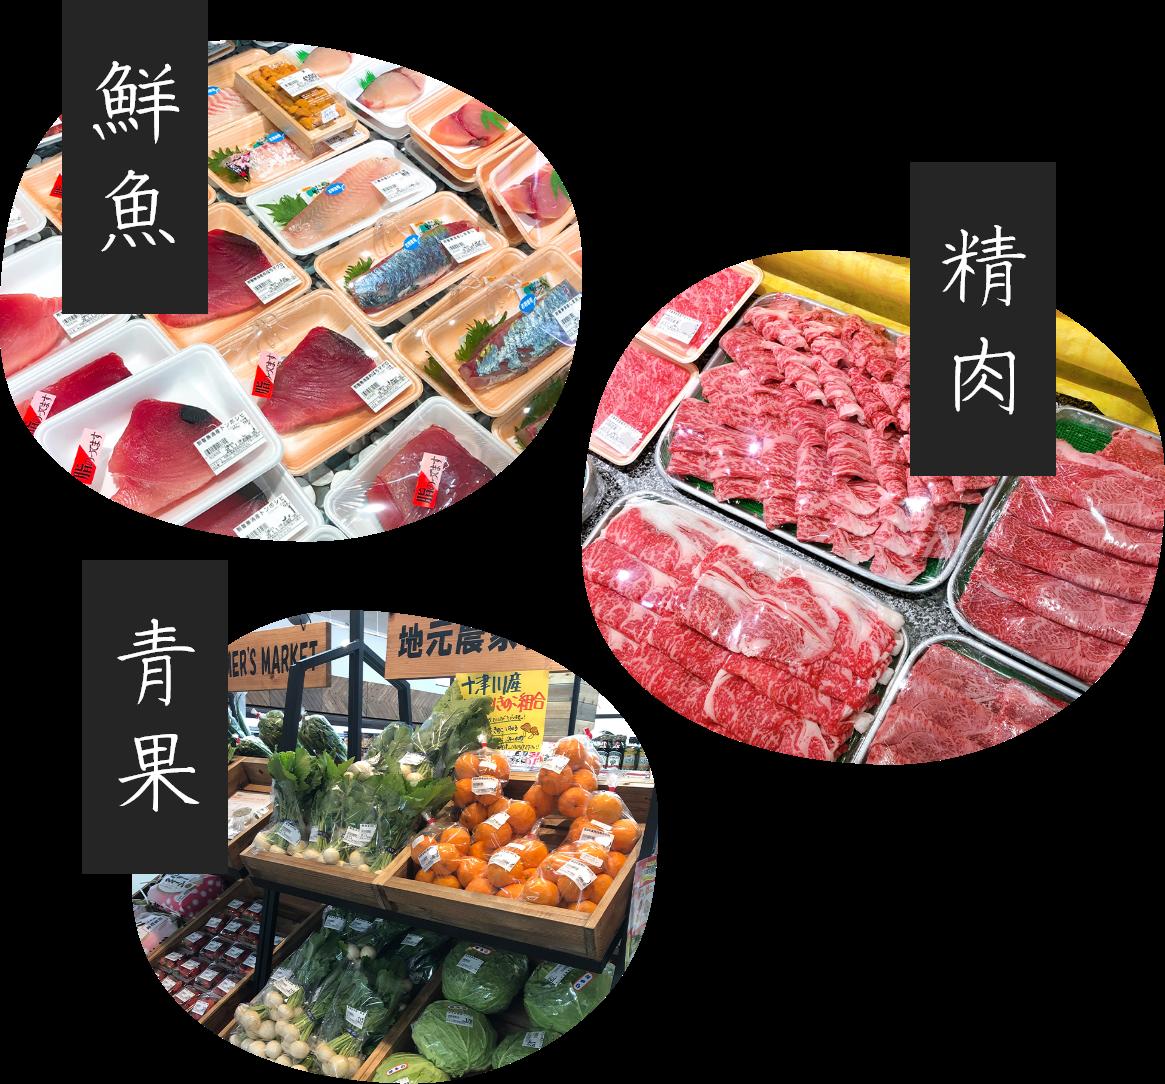 ハイマート自慢の新鮮な鮮魚・精肉・青果が自慢